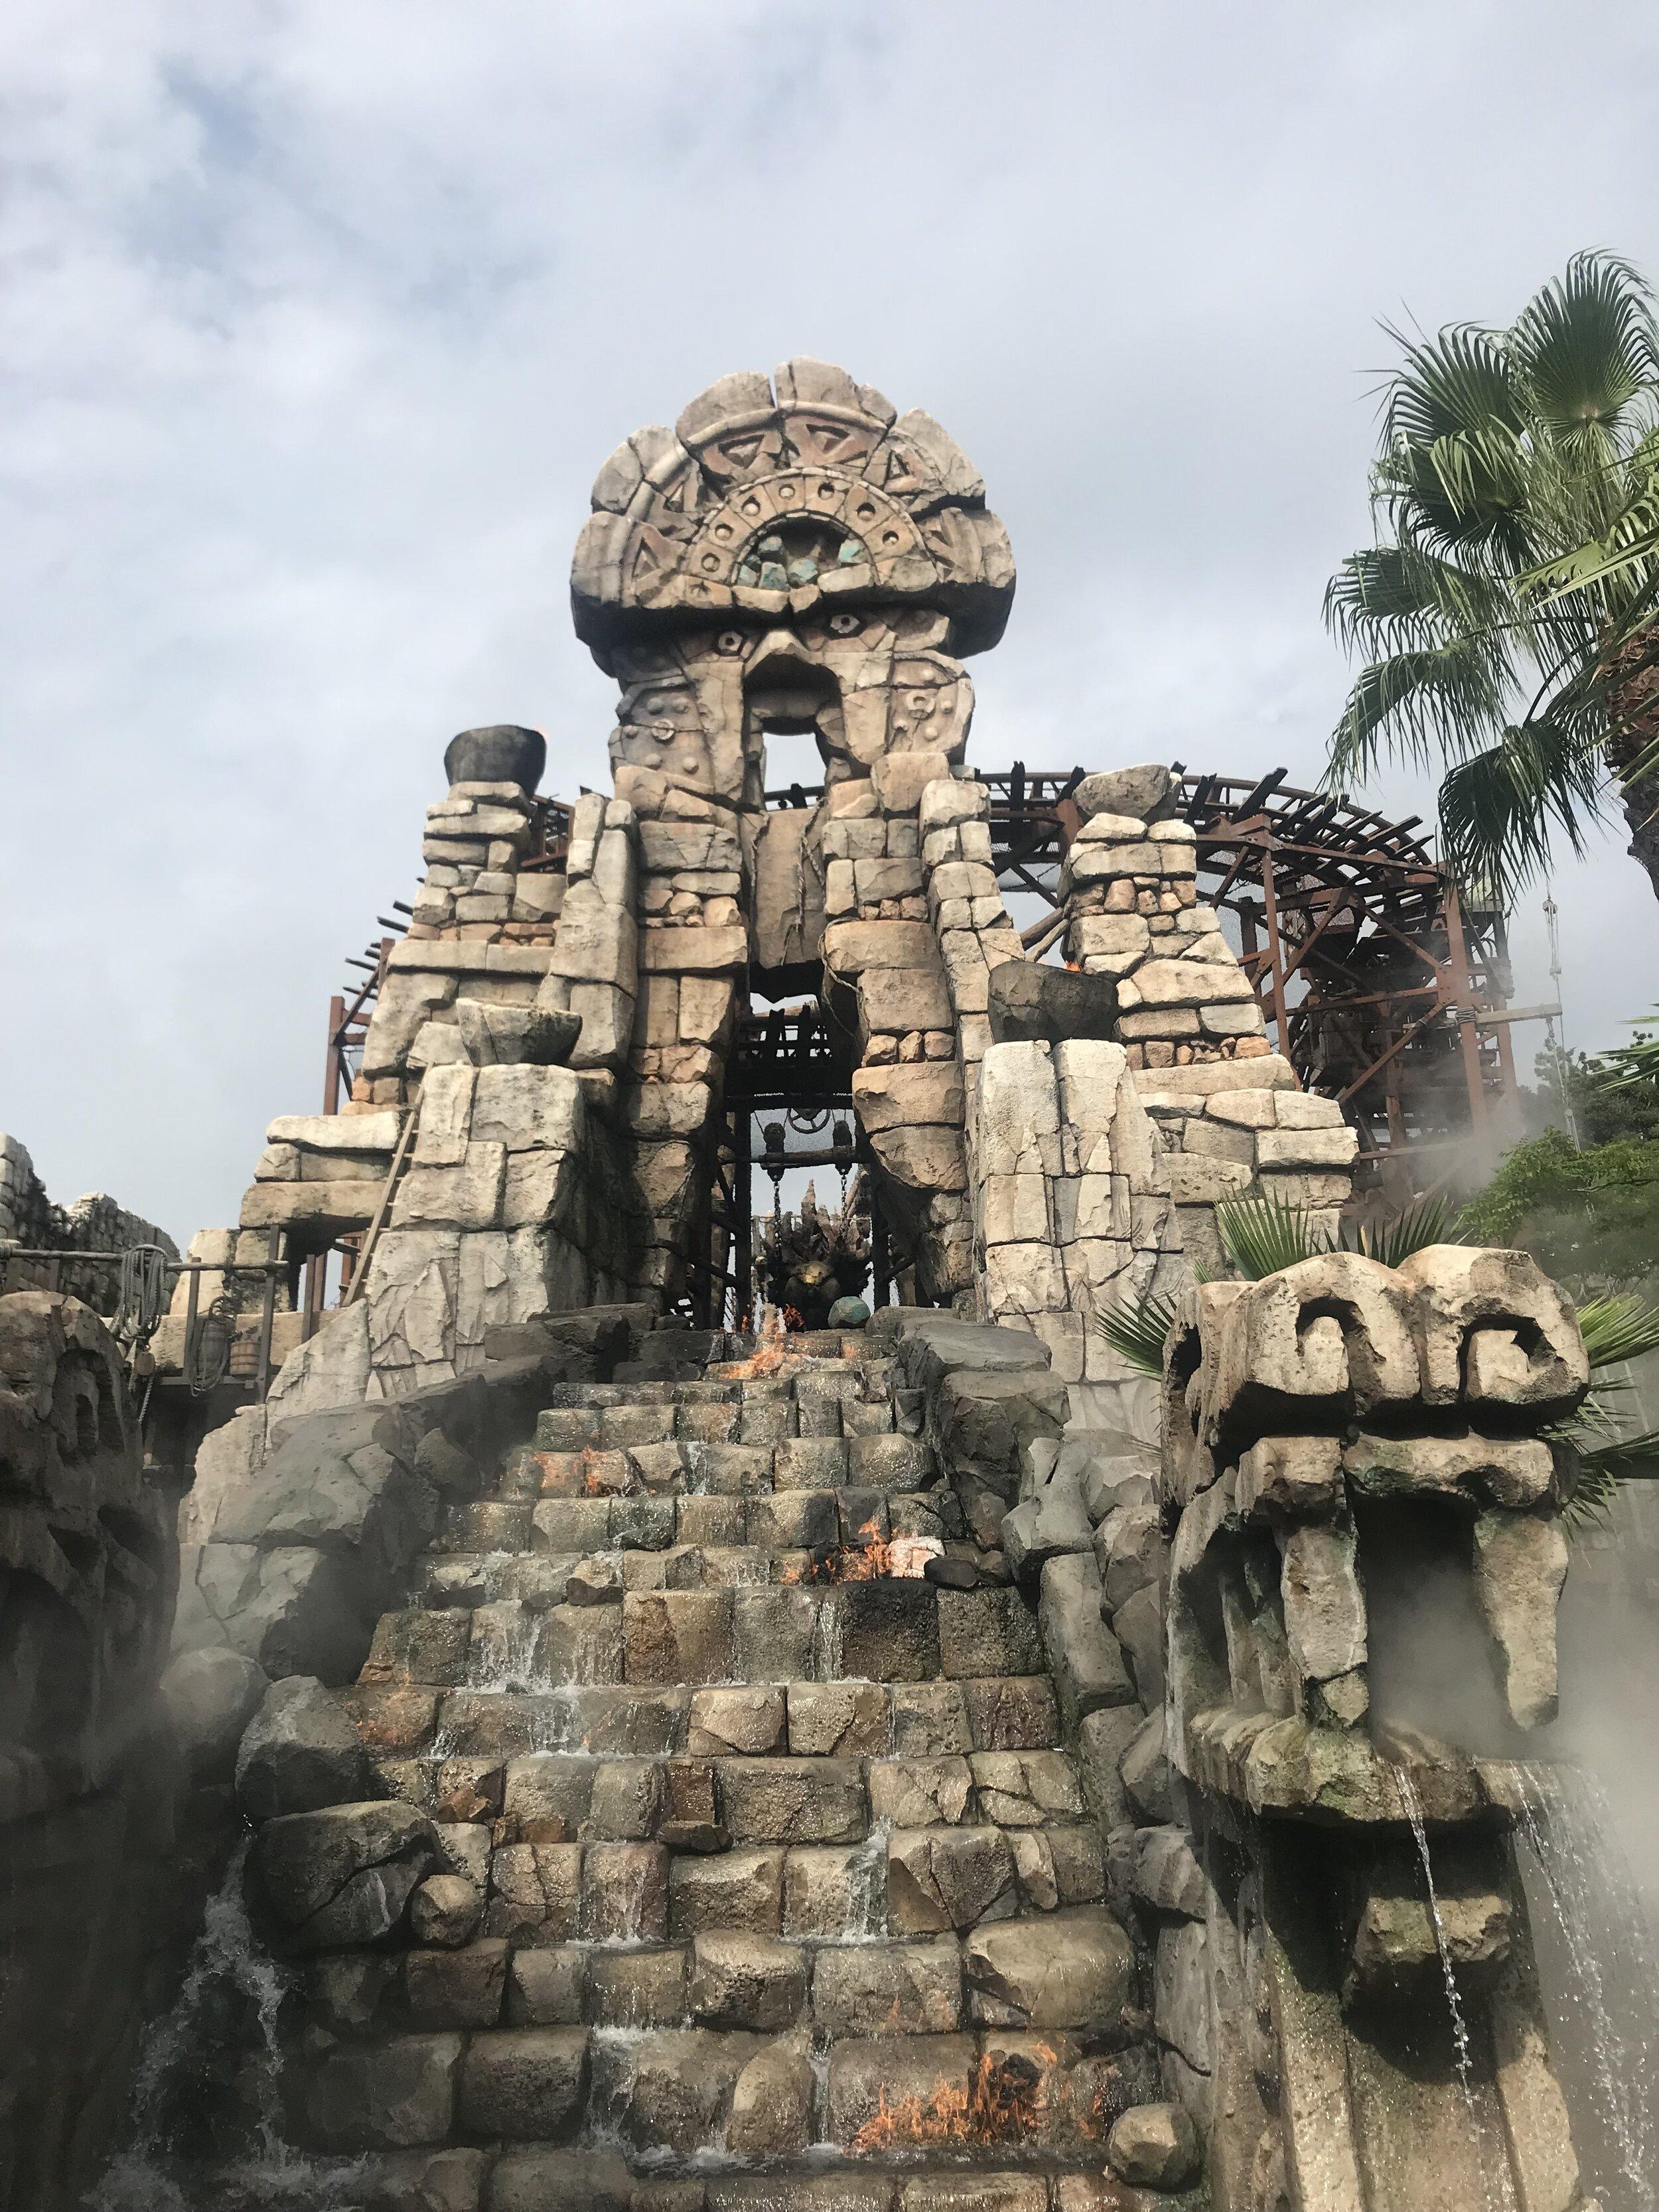 Best Rides at DisneySea Tokyo